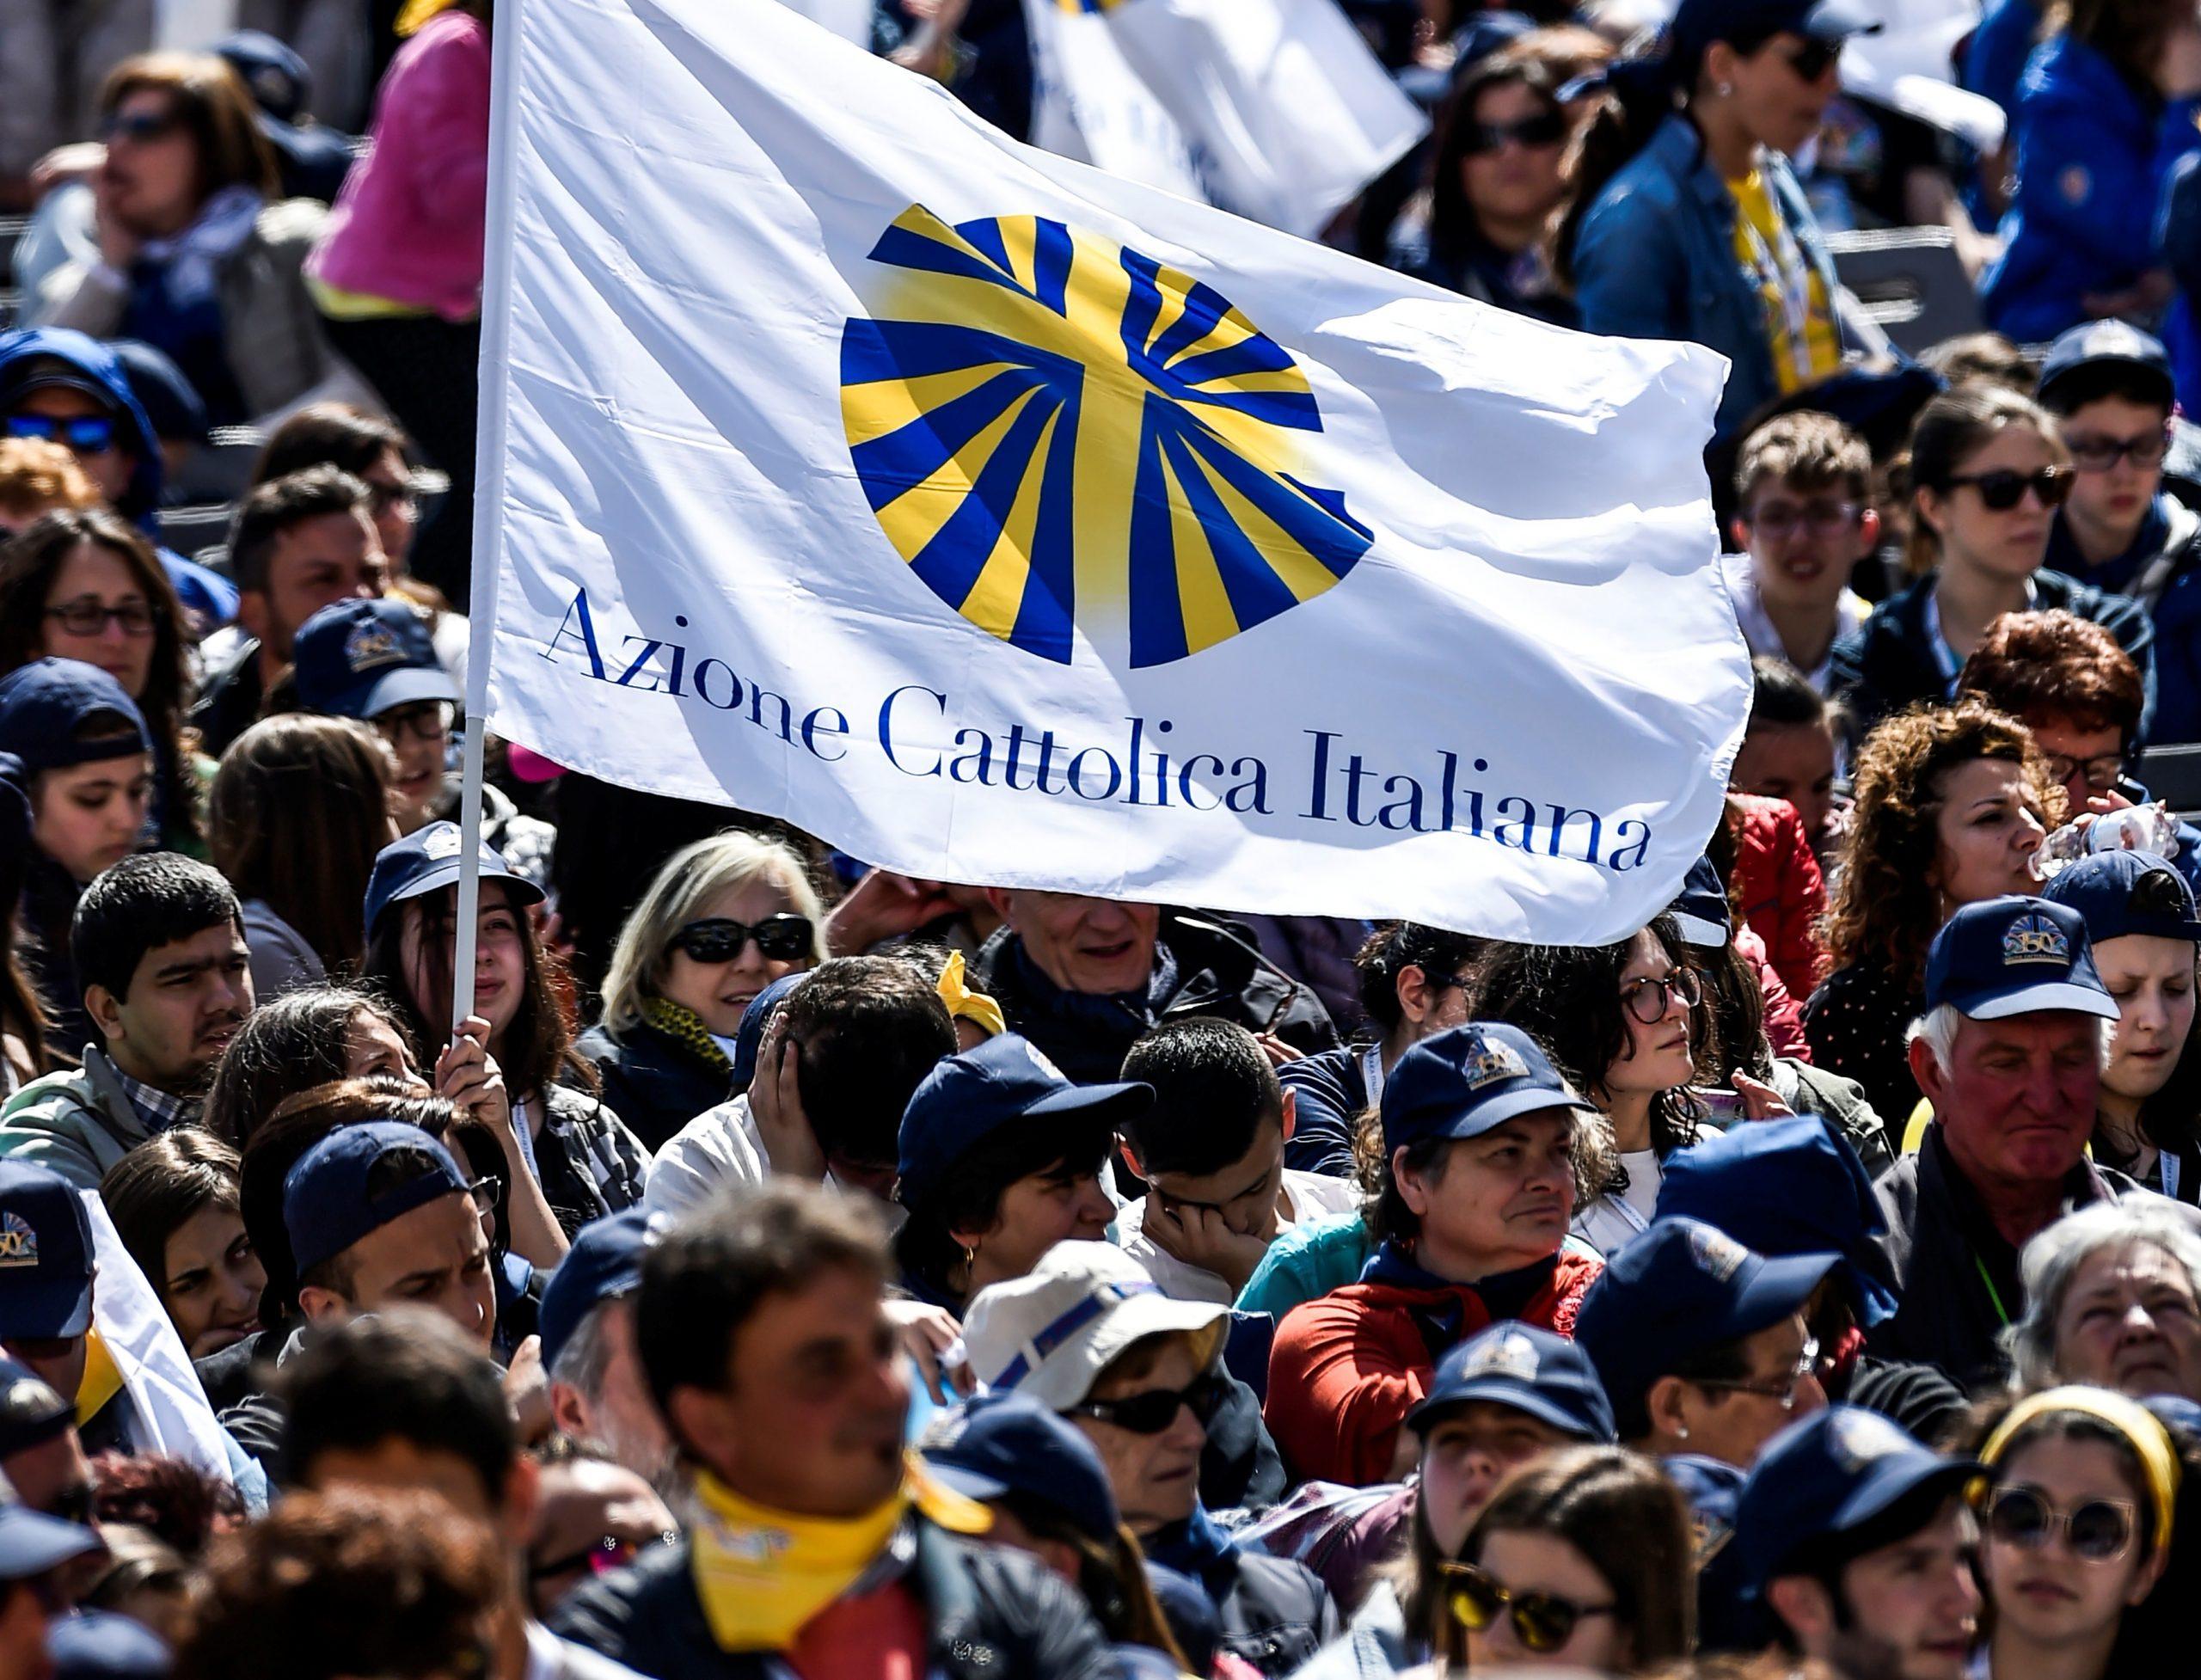 Bandiera Azione Cattolica